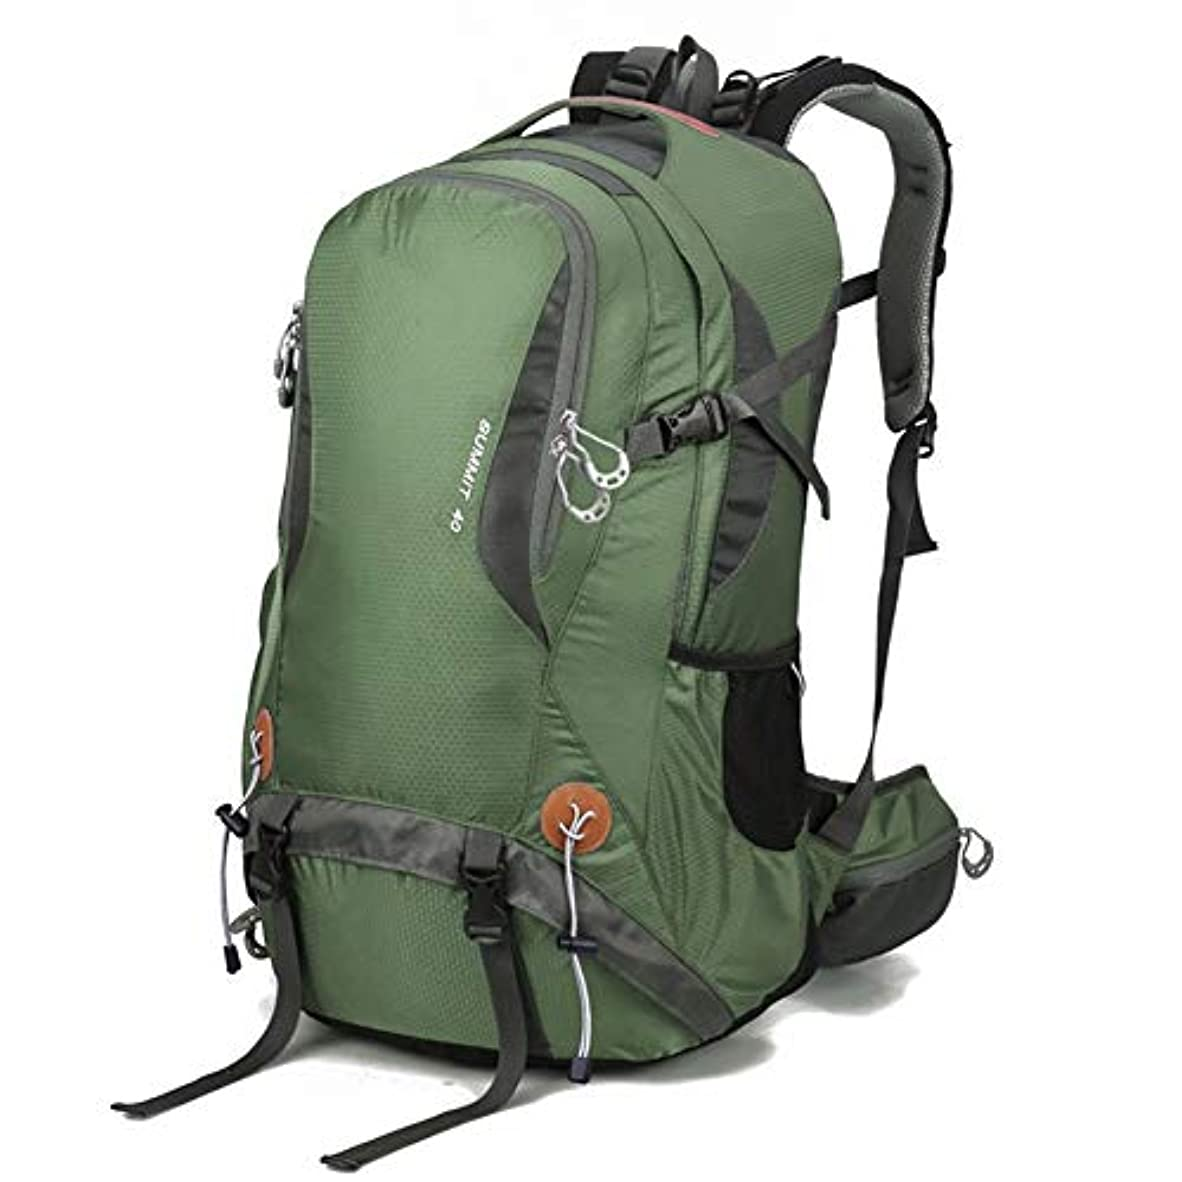 アウター不規則性魅了するGAOFENG アウトドアスポーツバックパックキャンプハイキング防水リュックサック登山バッグ付きレインカバー旅行用トレッキング